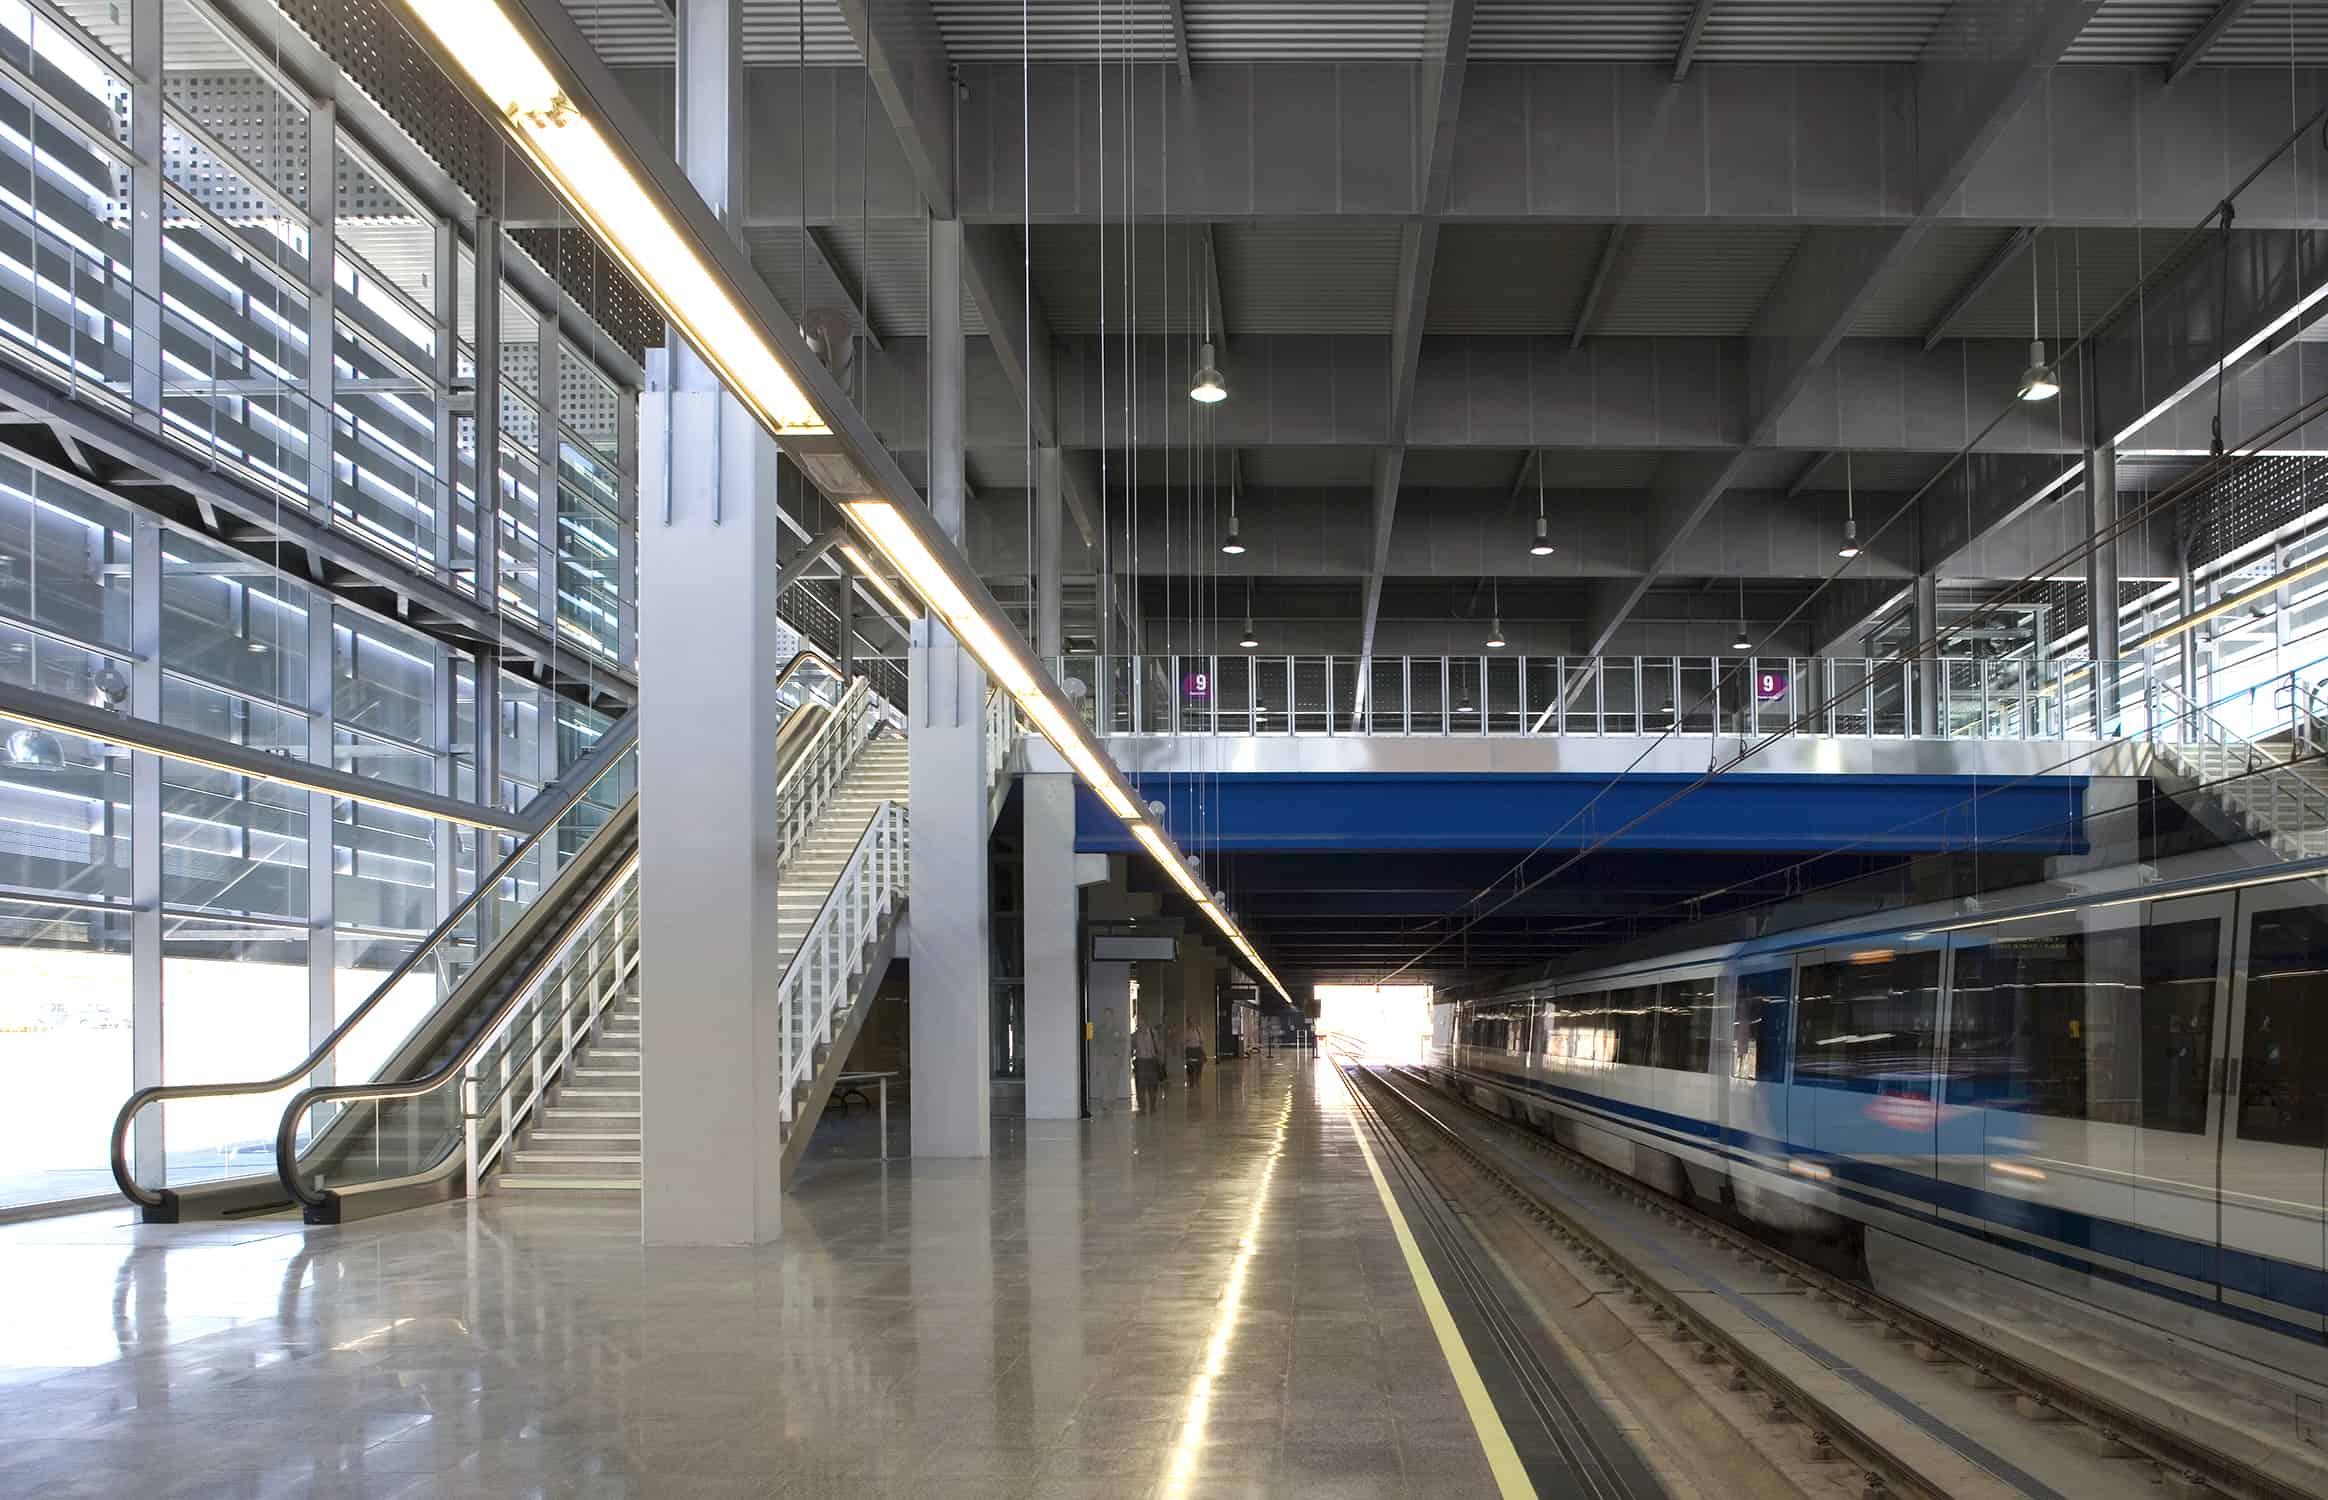 arquitectura transporte - Interior Estación METRO de MADRID_LGV+LANDINEZ+REY   equipo L2G arquitectos, slp [ eL2Gaa ]